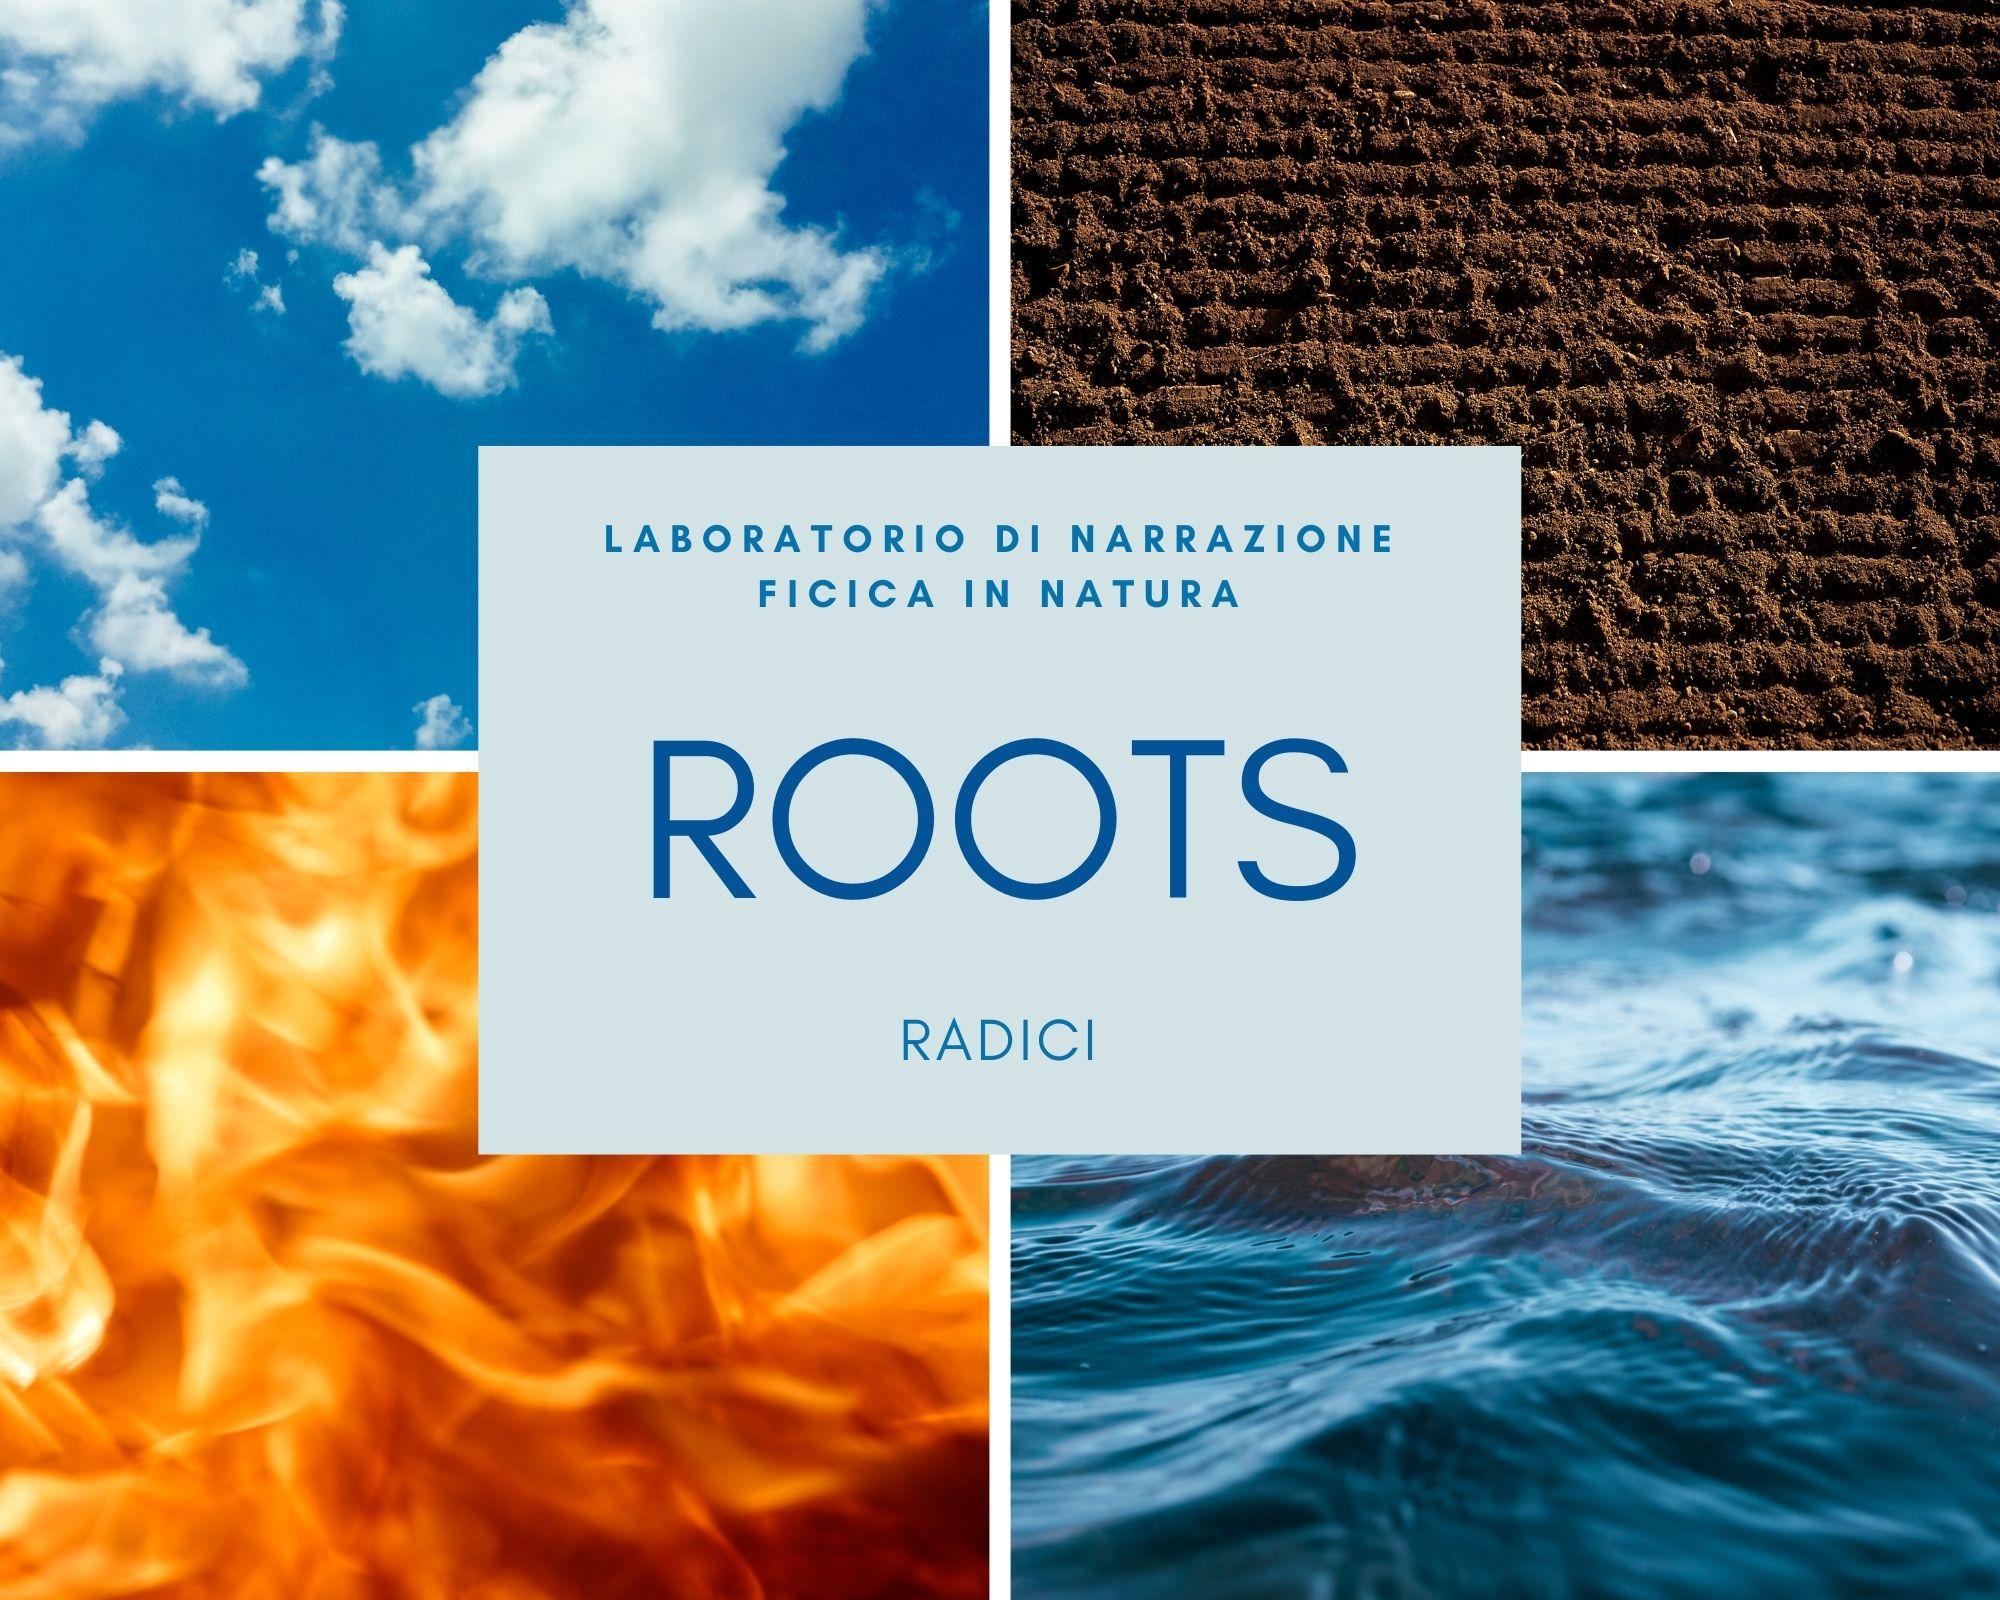 Torna ROOTS-RADICI il laboratorio di narrazione fisica in natura